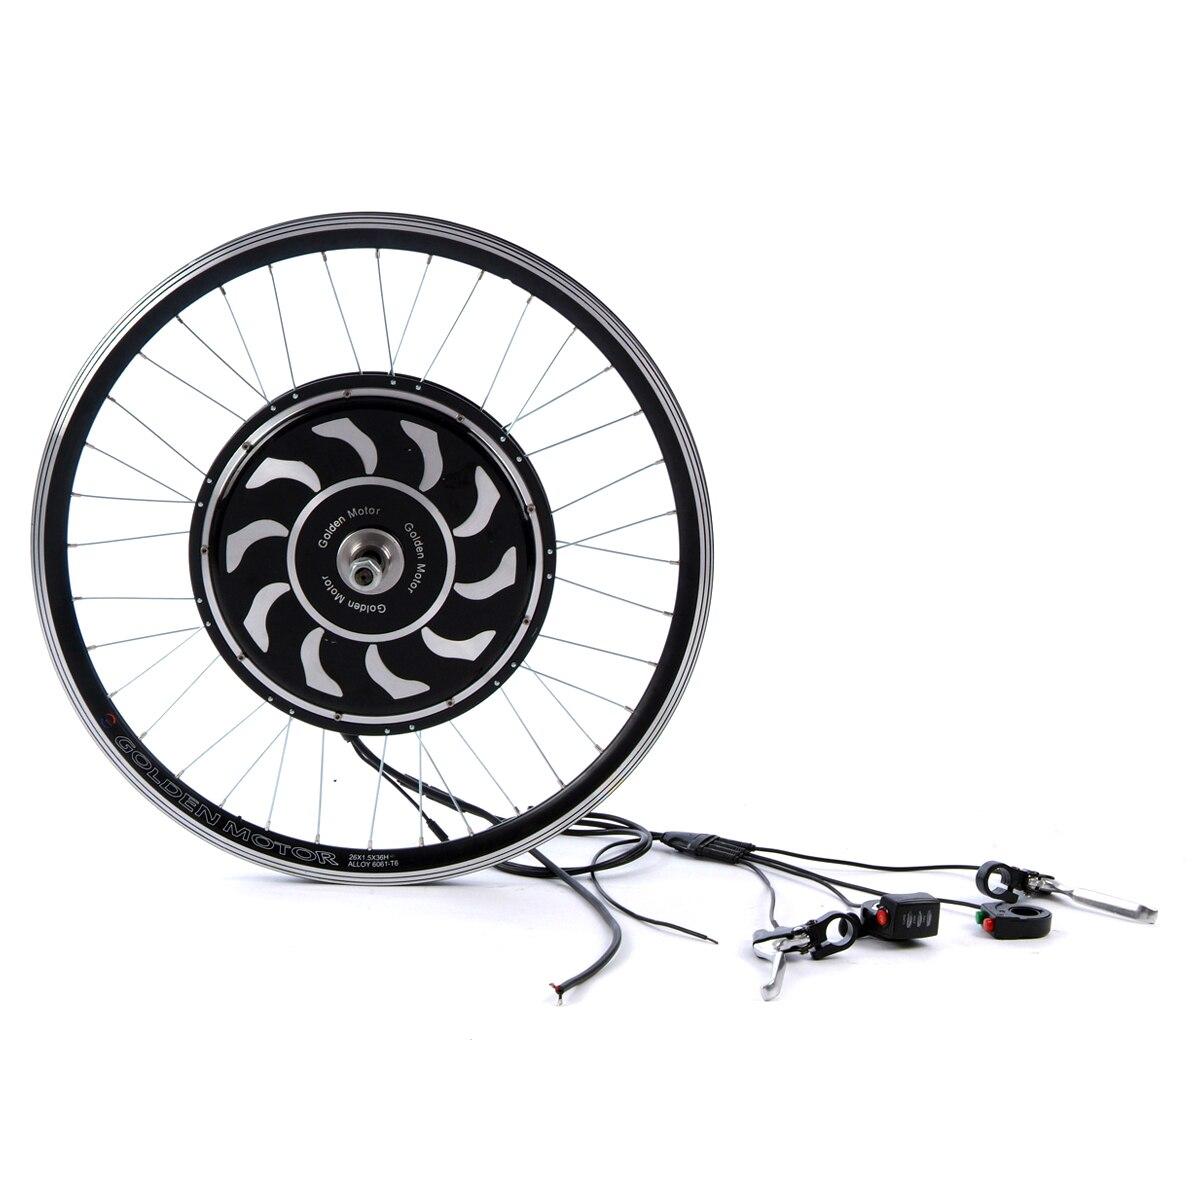 ماجيك فطيرة 5 مجموعة تحويل الدراجة العاديّة إلى كهربائيّة مع المدمج في تحكم حافة حجم 20